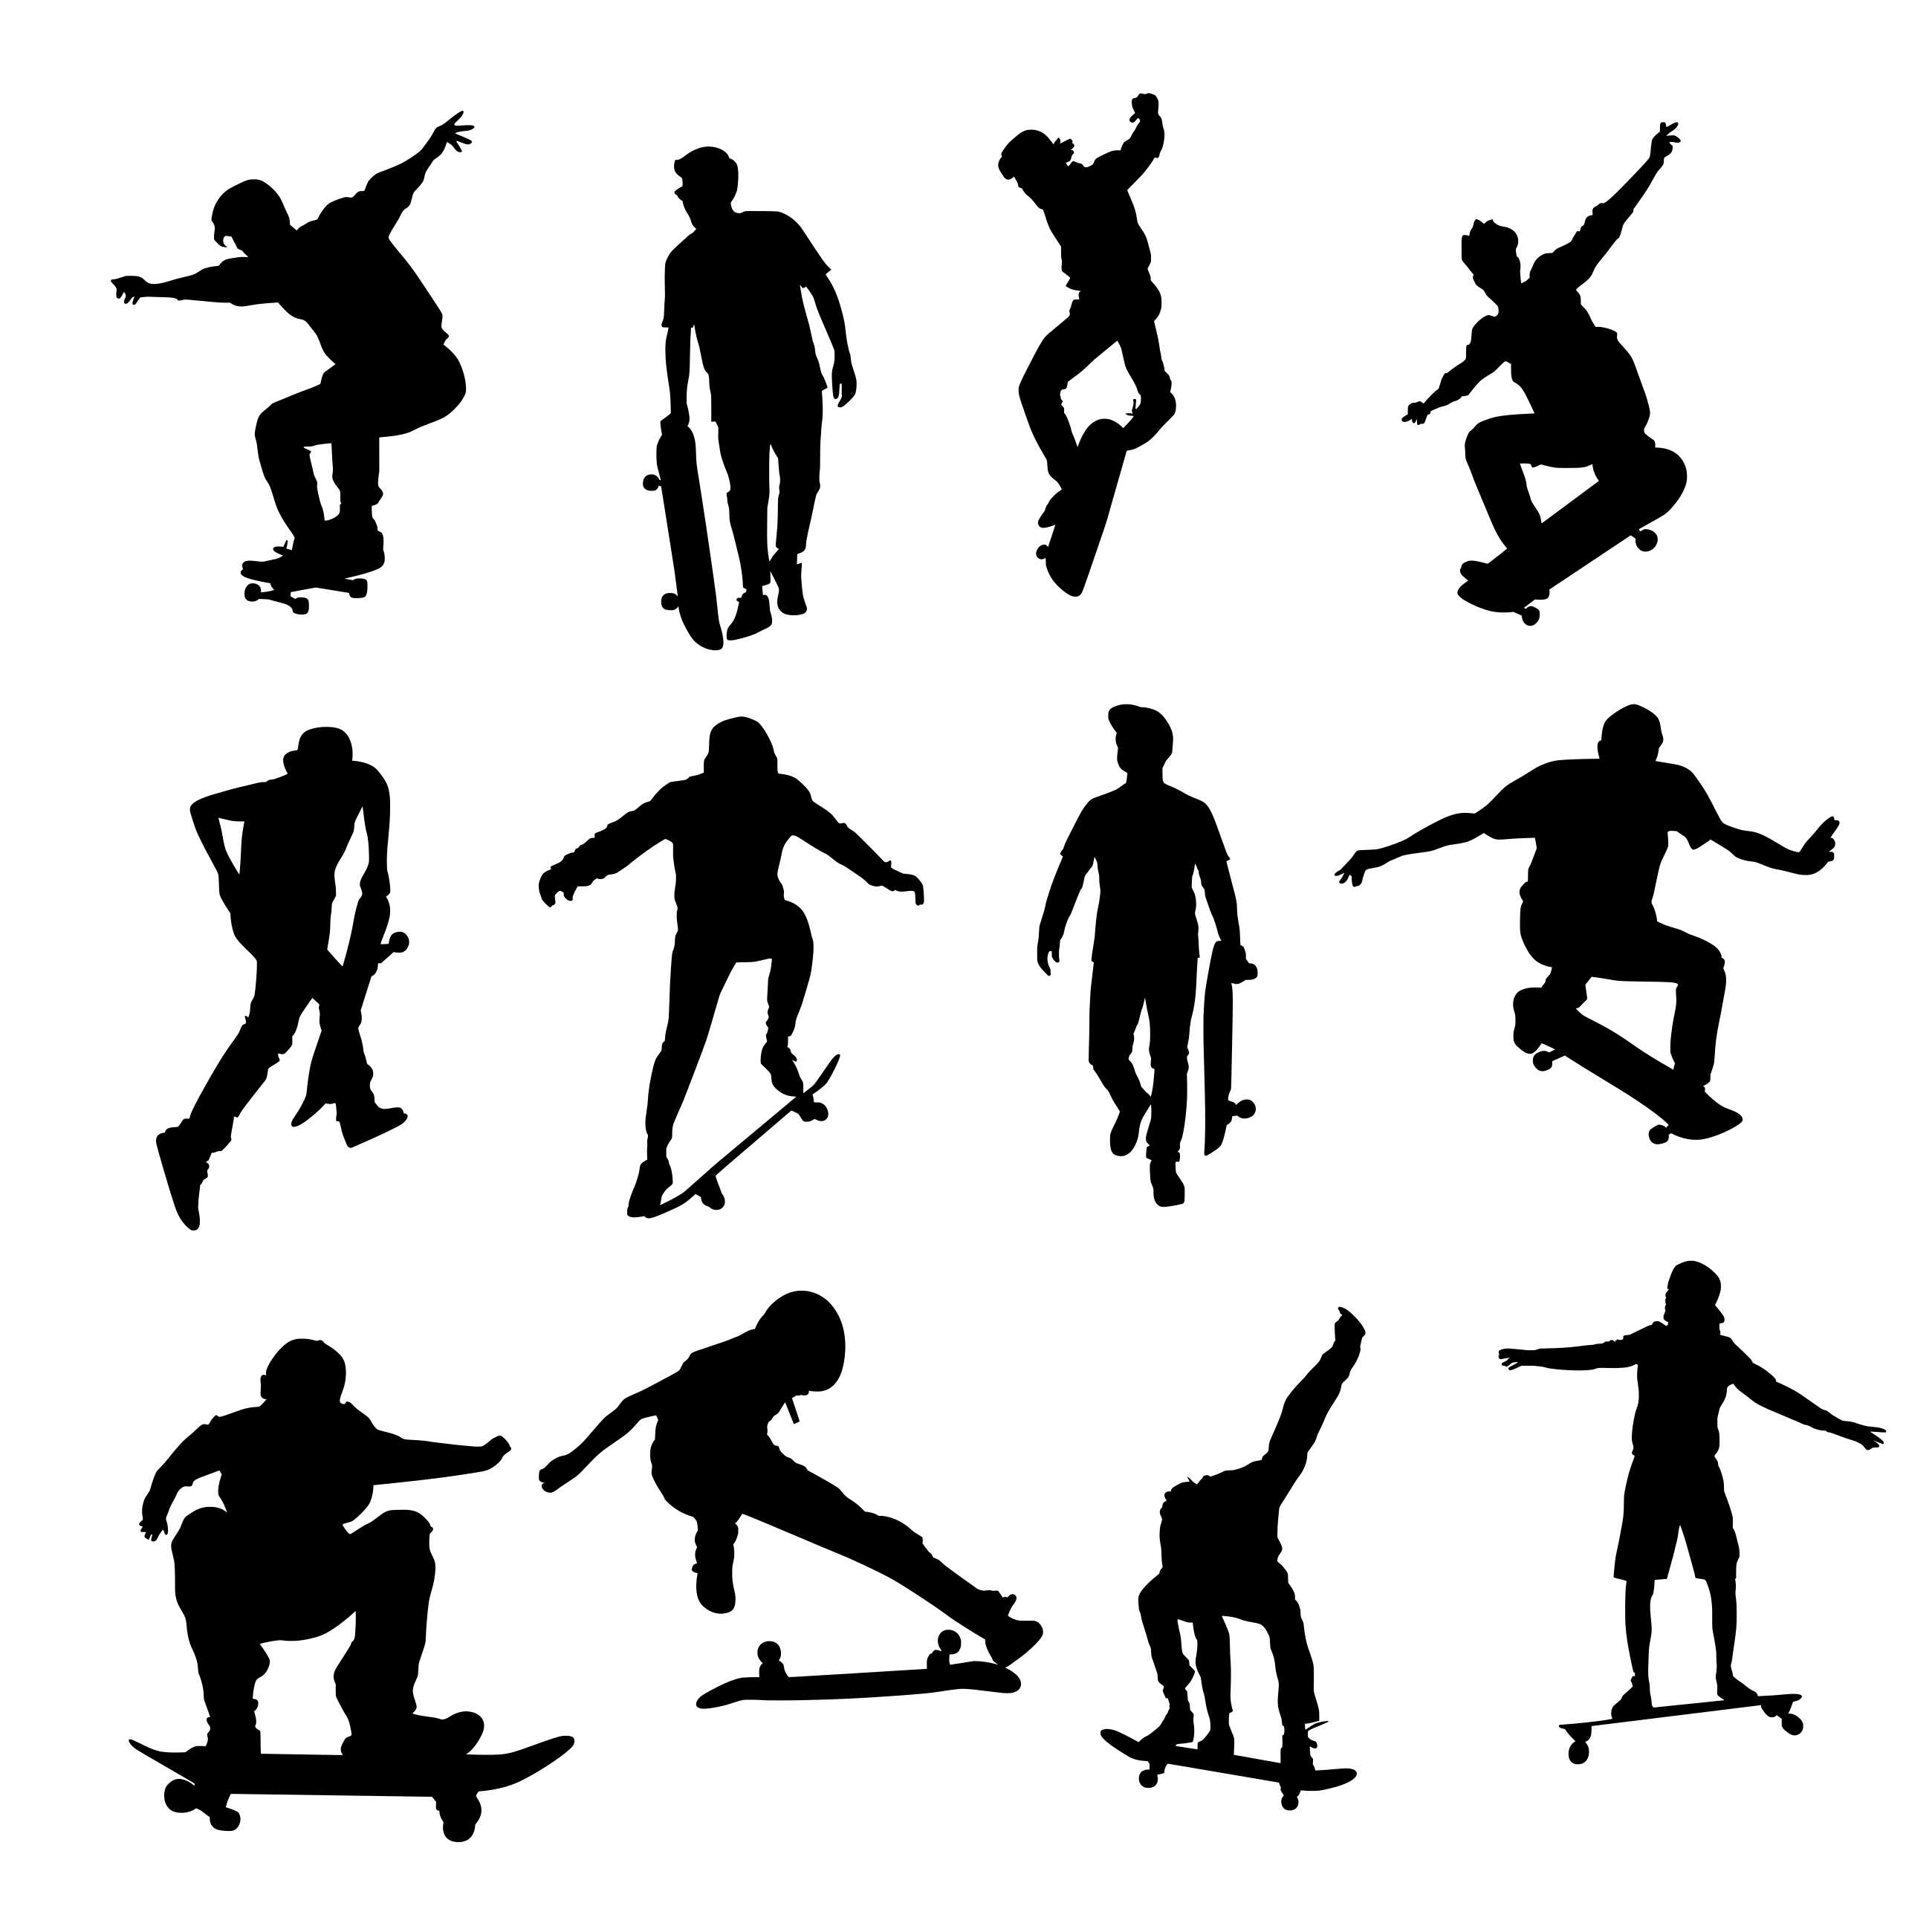 12-skateboarder-silhouette-cover.jpg